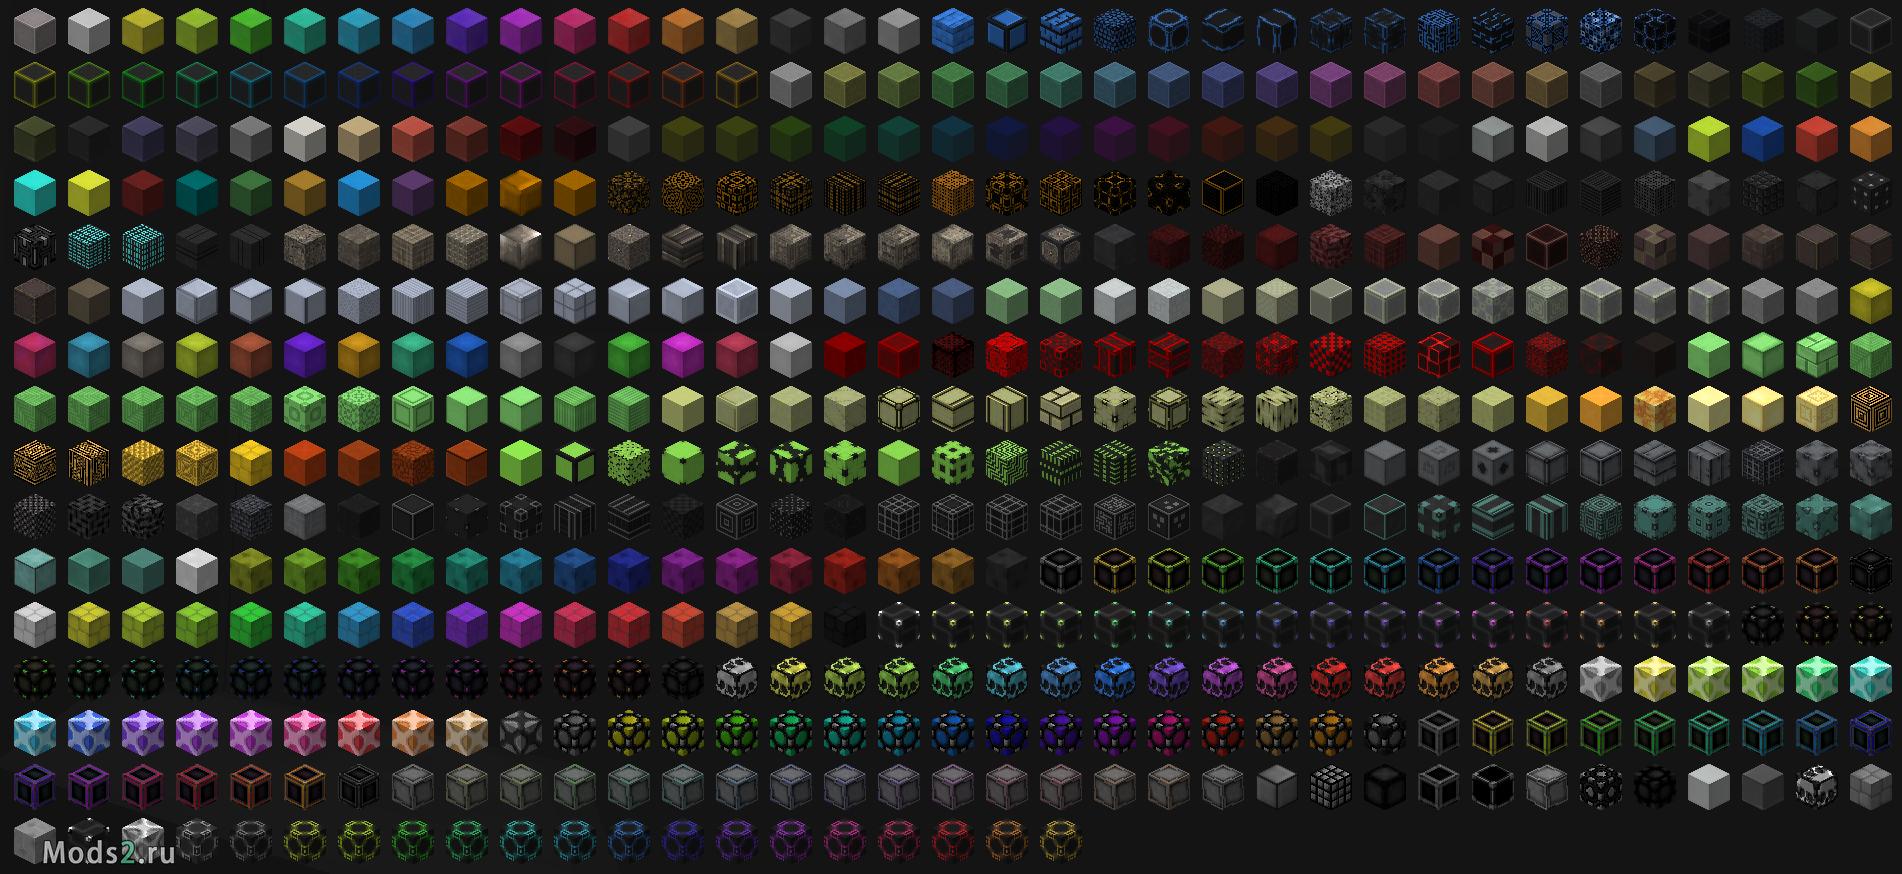 много разноцветных блоков Xtones 1 12 2 1 11 2 1 10 2